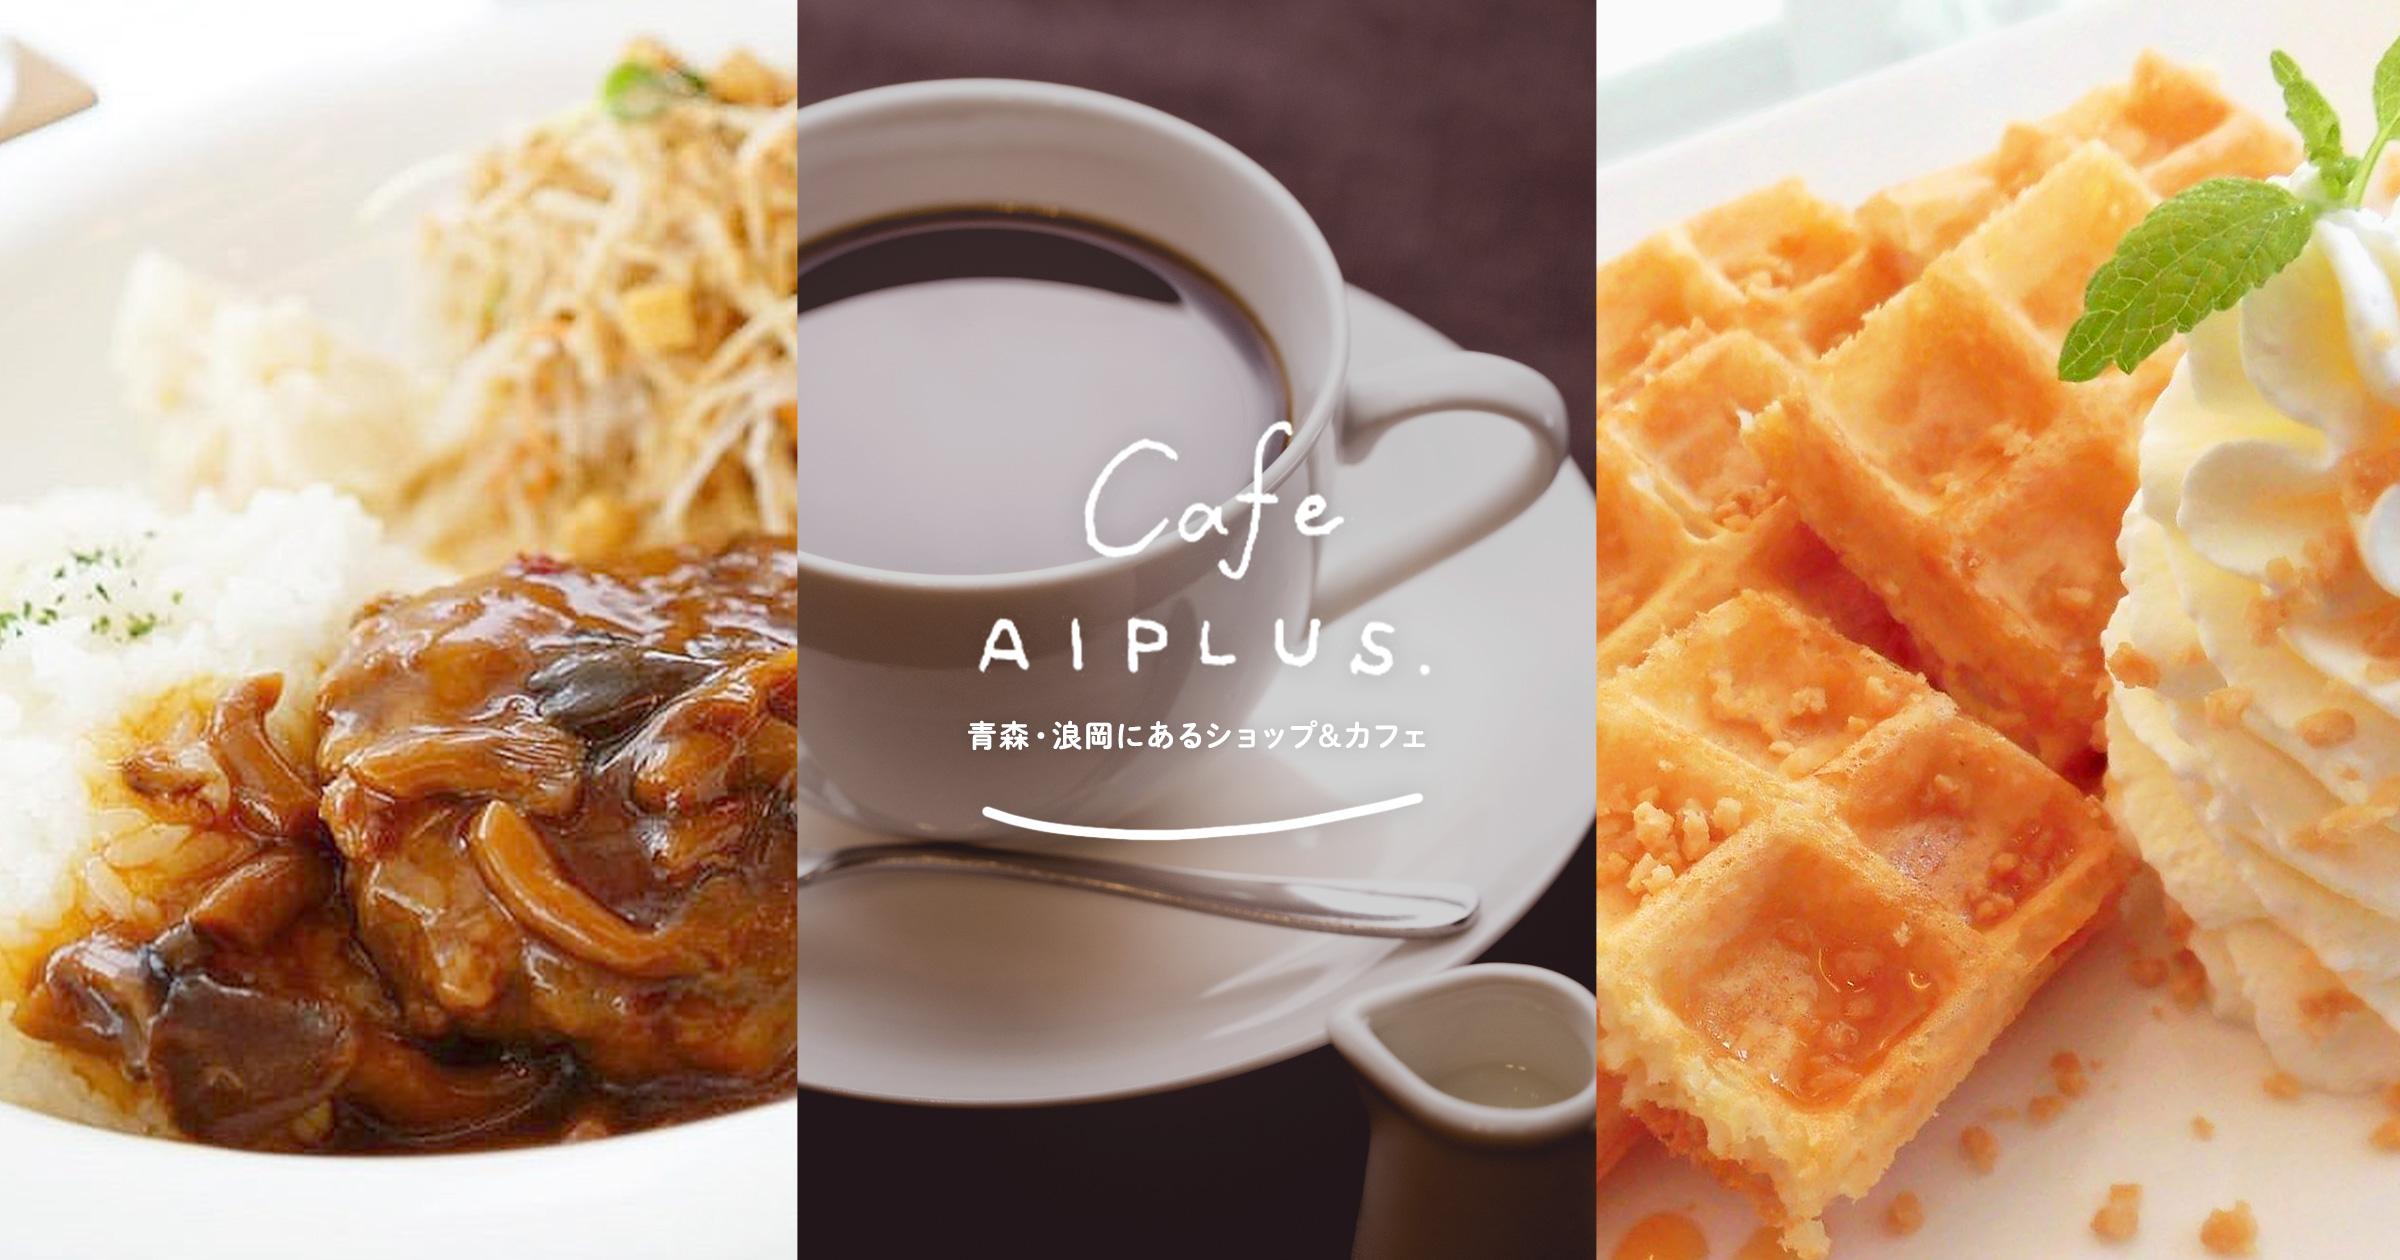 アイプラス ショップ&カフェ